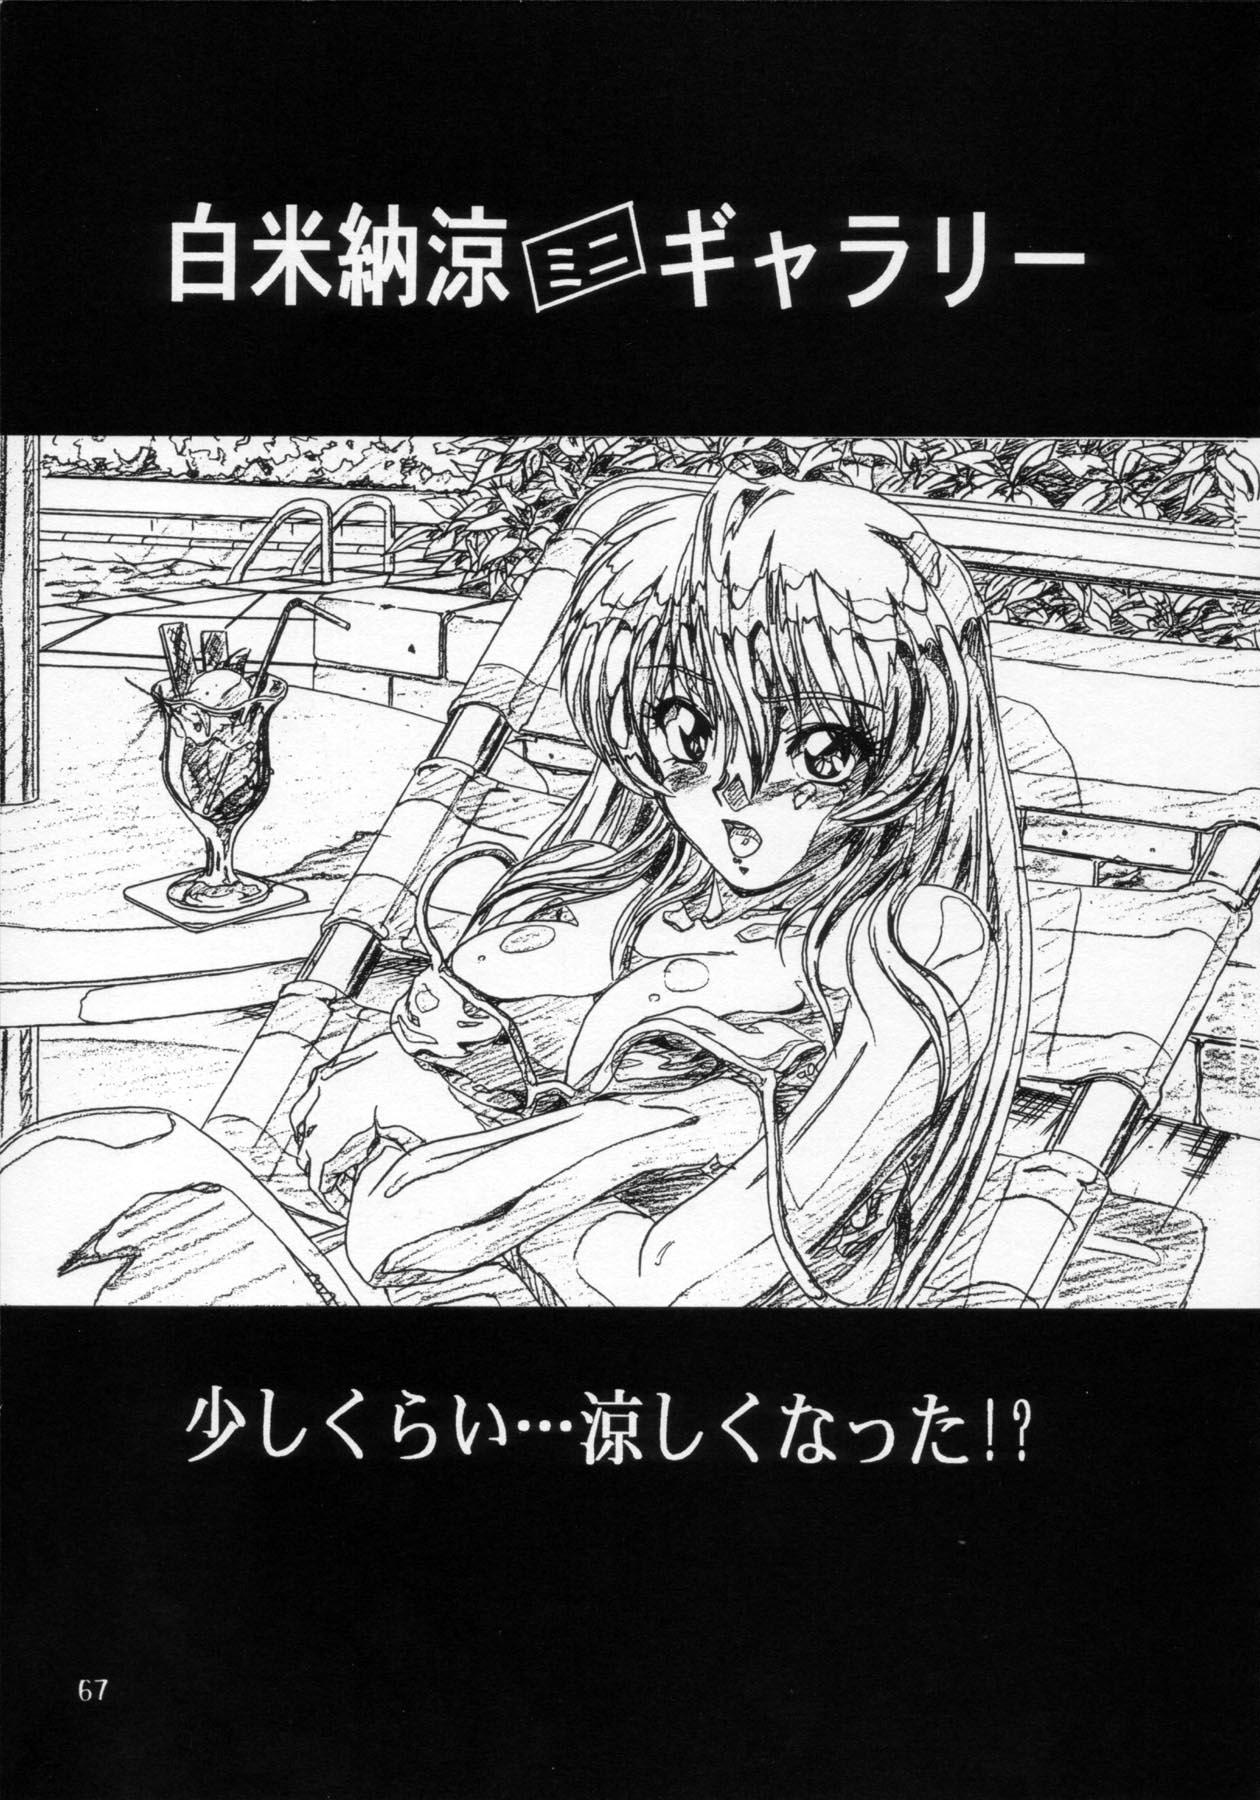 Henreikai '98 Natsu SPECIAL 67